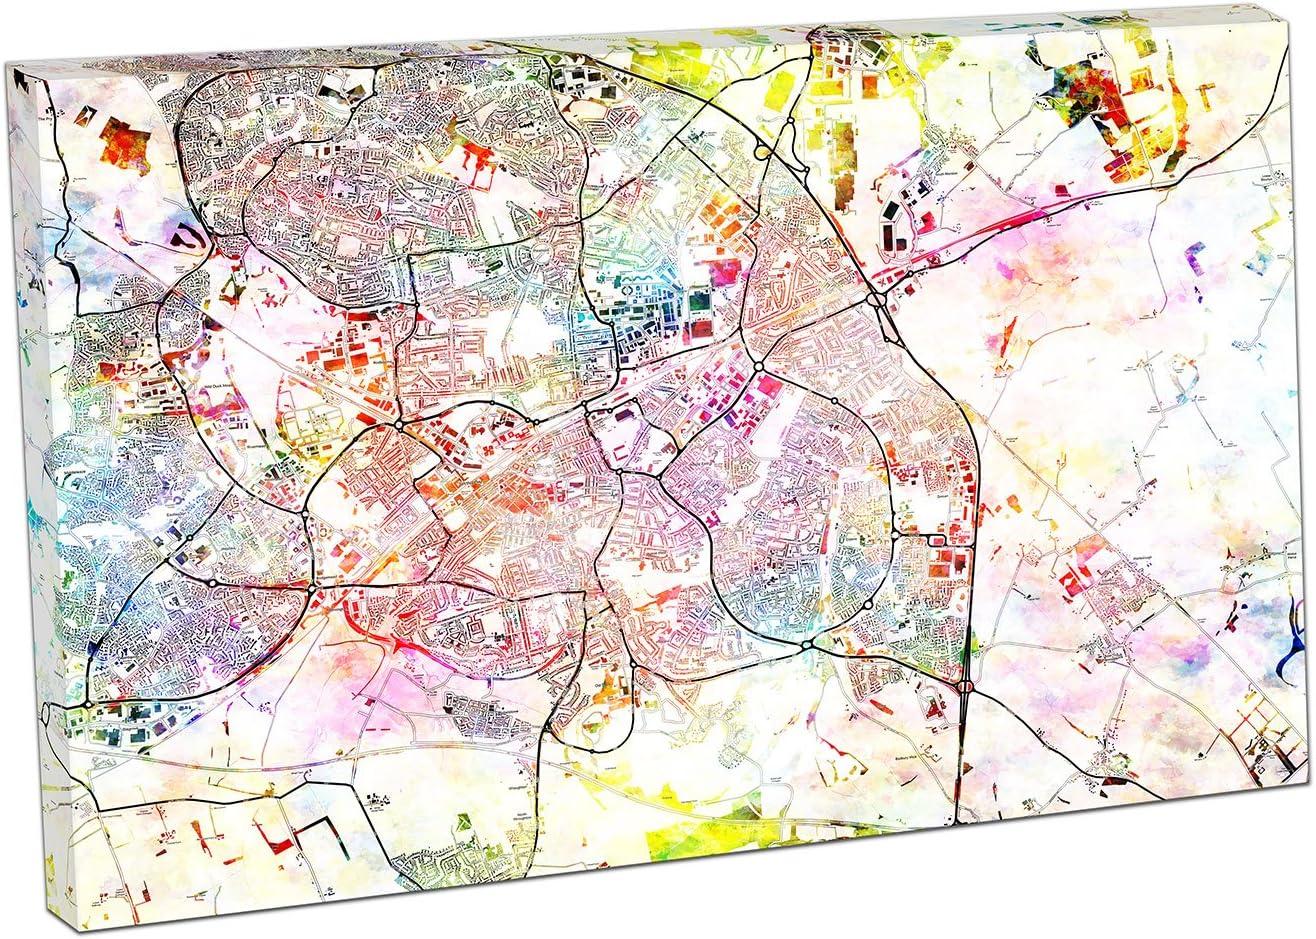 EACanvas Swindon Inglaterra Calle Mapa Nombres y Nombres de Carretera Ciudad Ciudad Colorido Mapa, 61 x 41 x Depth 4cm: Amazon.es: Hogar